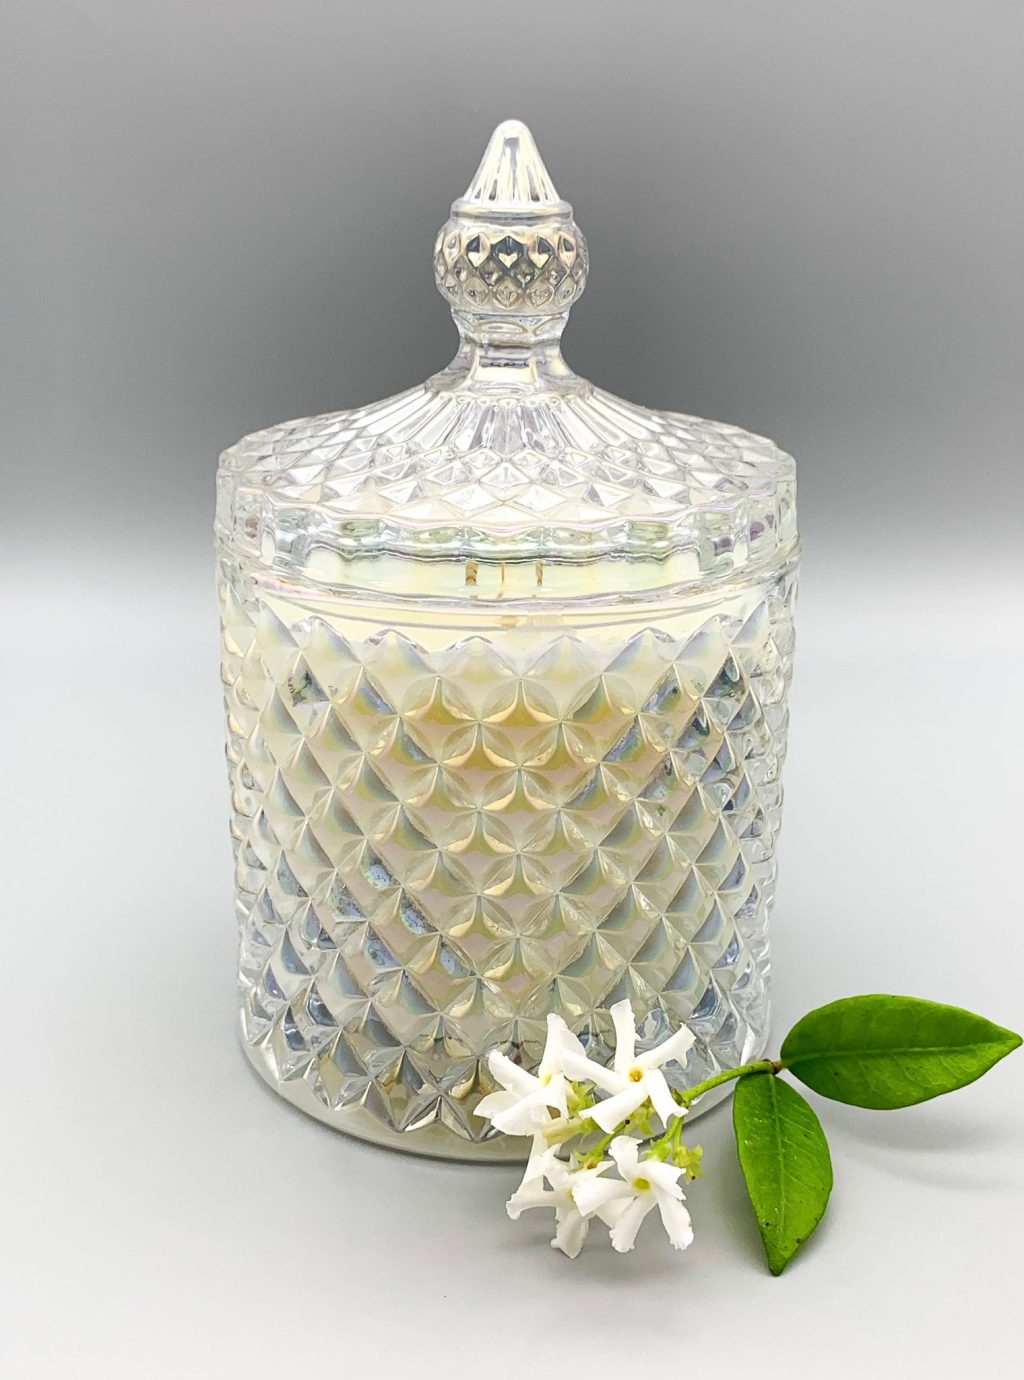 candela in cera di soia biologica al gelsomino